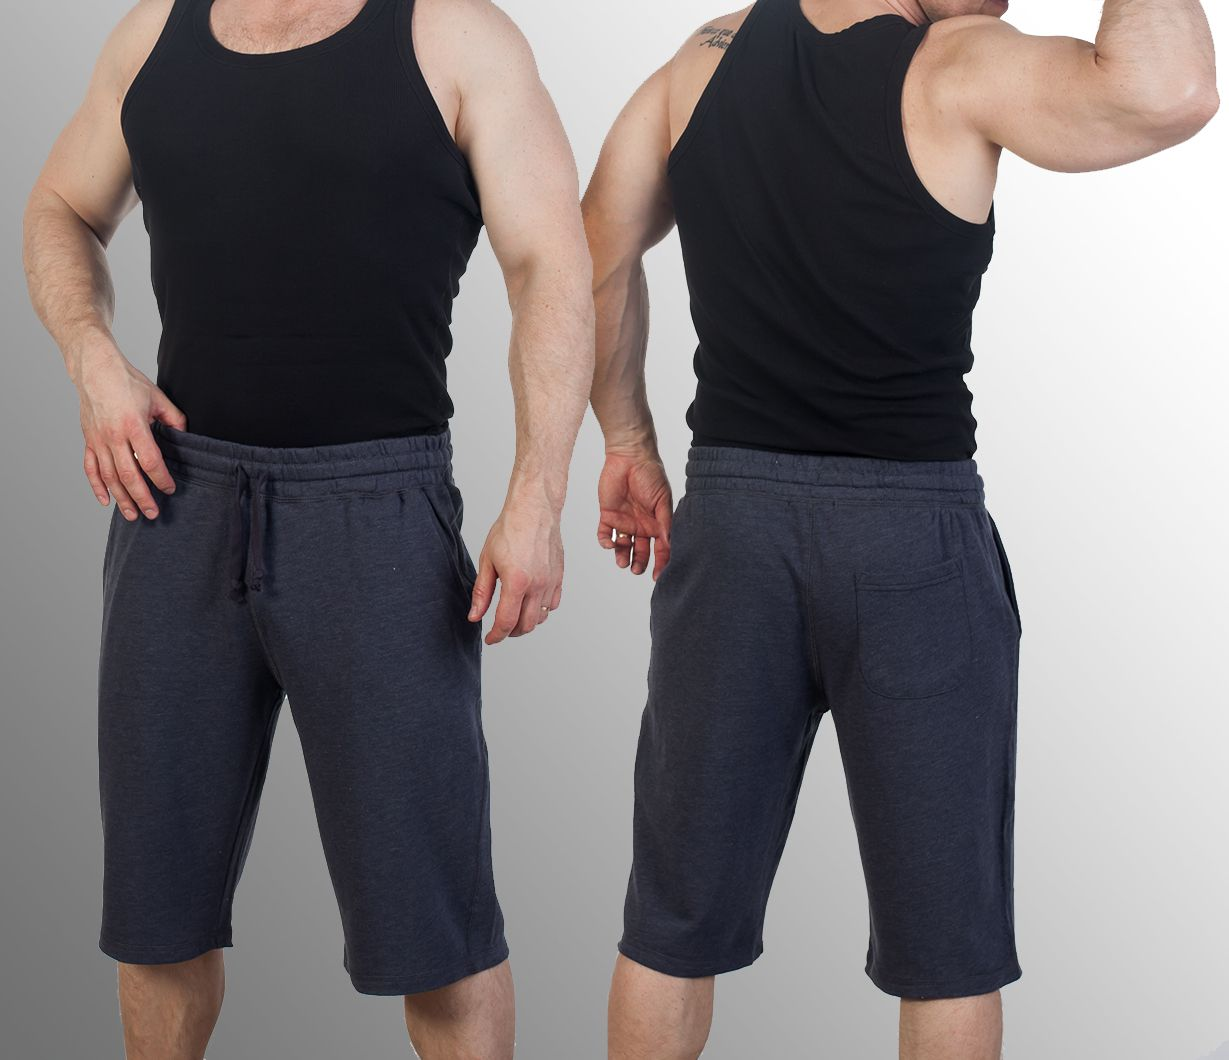 Спортивные шорты для мужчин с доставкой